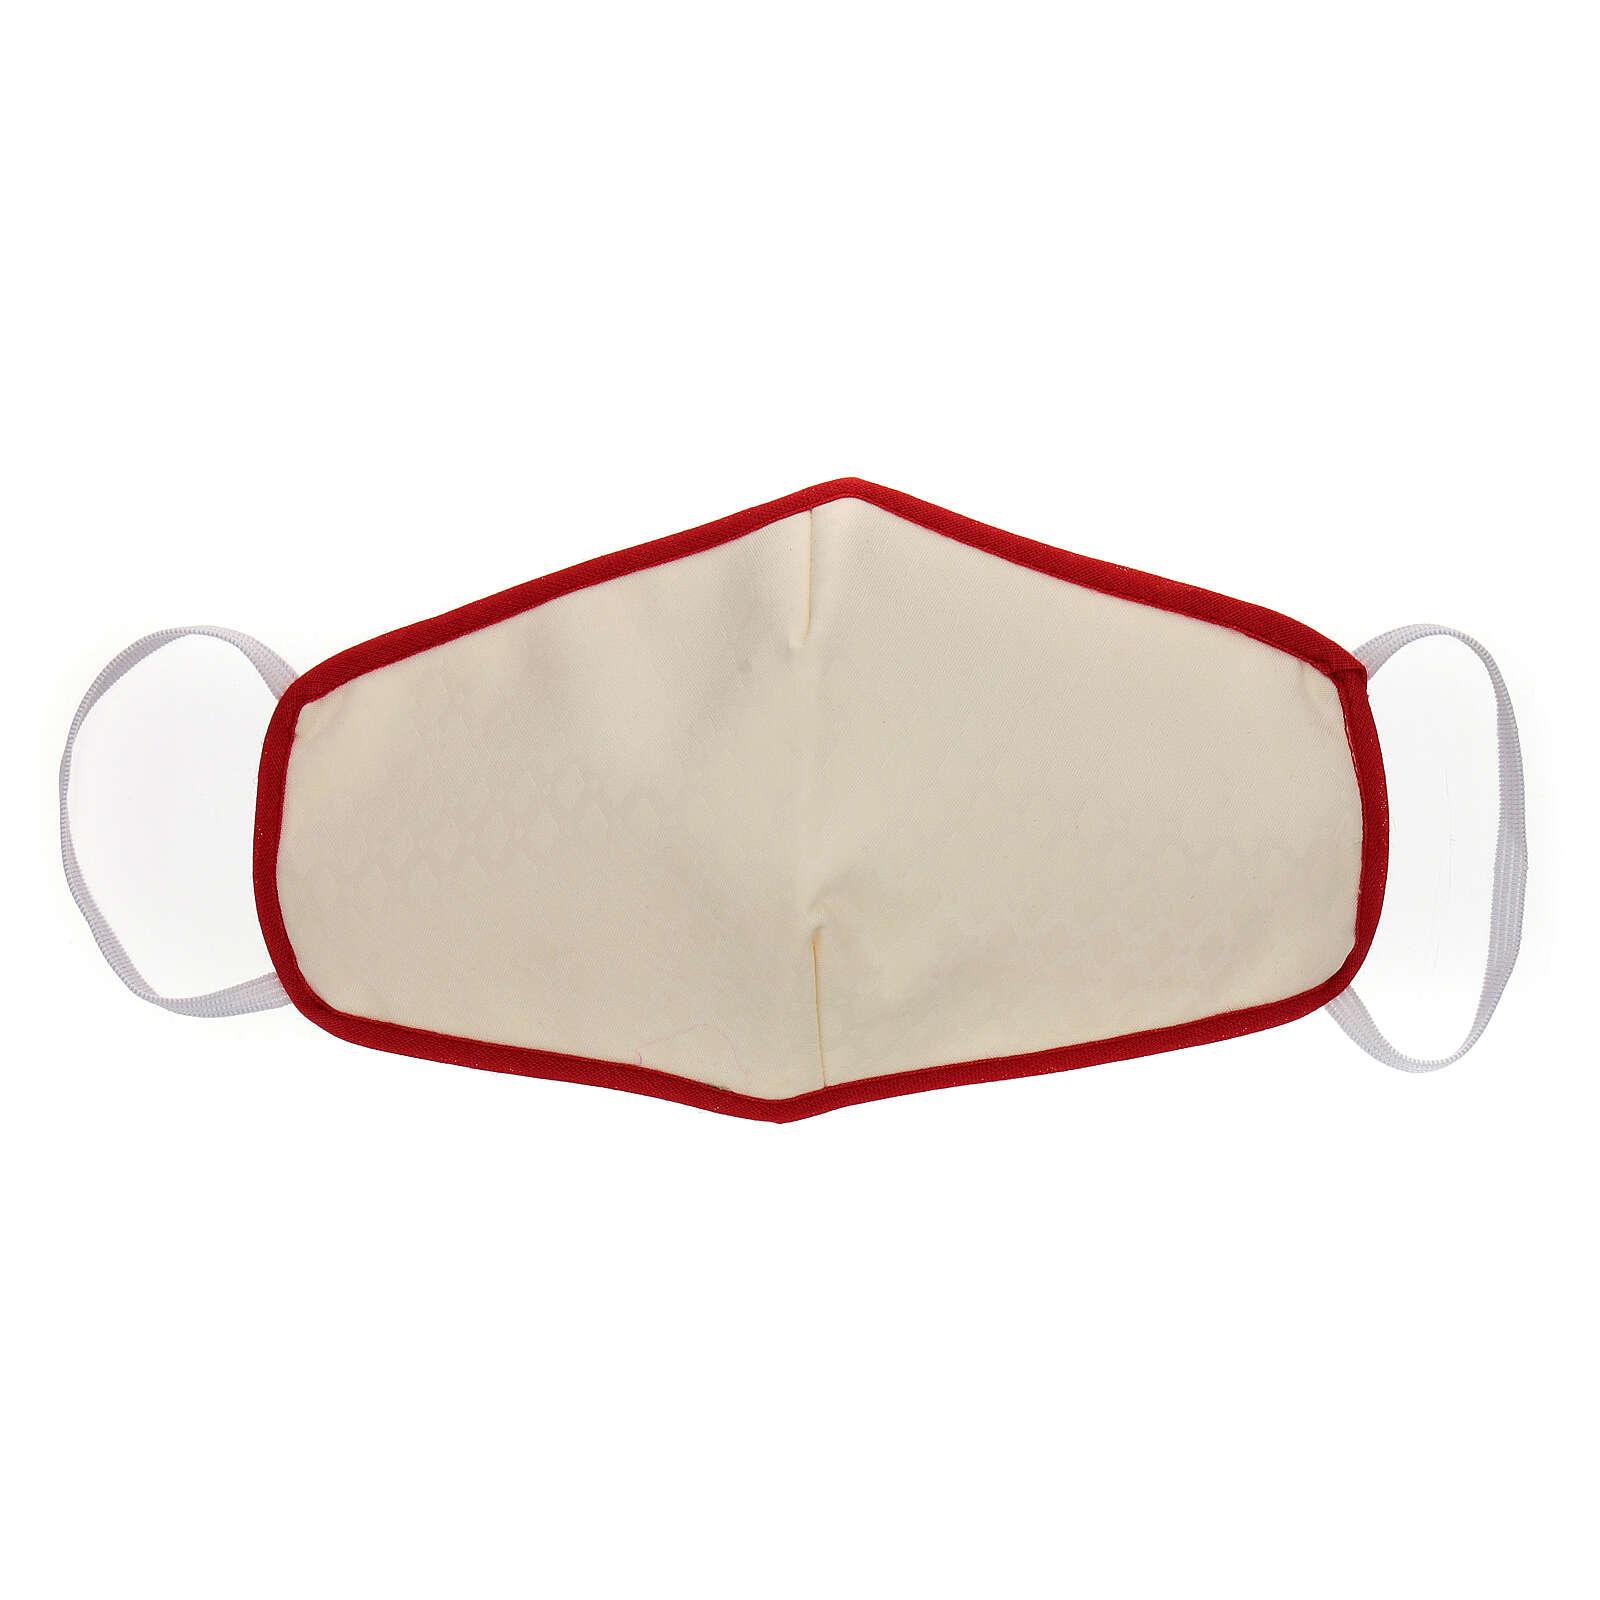 Mascherina in stoffa riutilizzabile bordo rosso 3